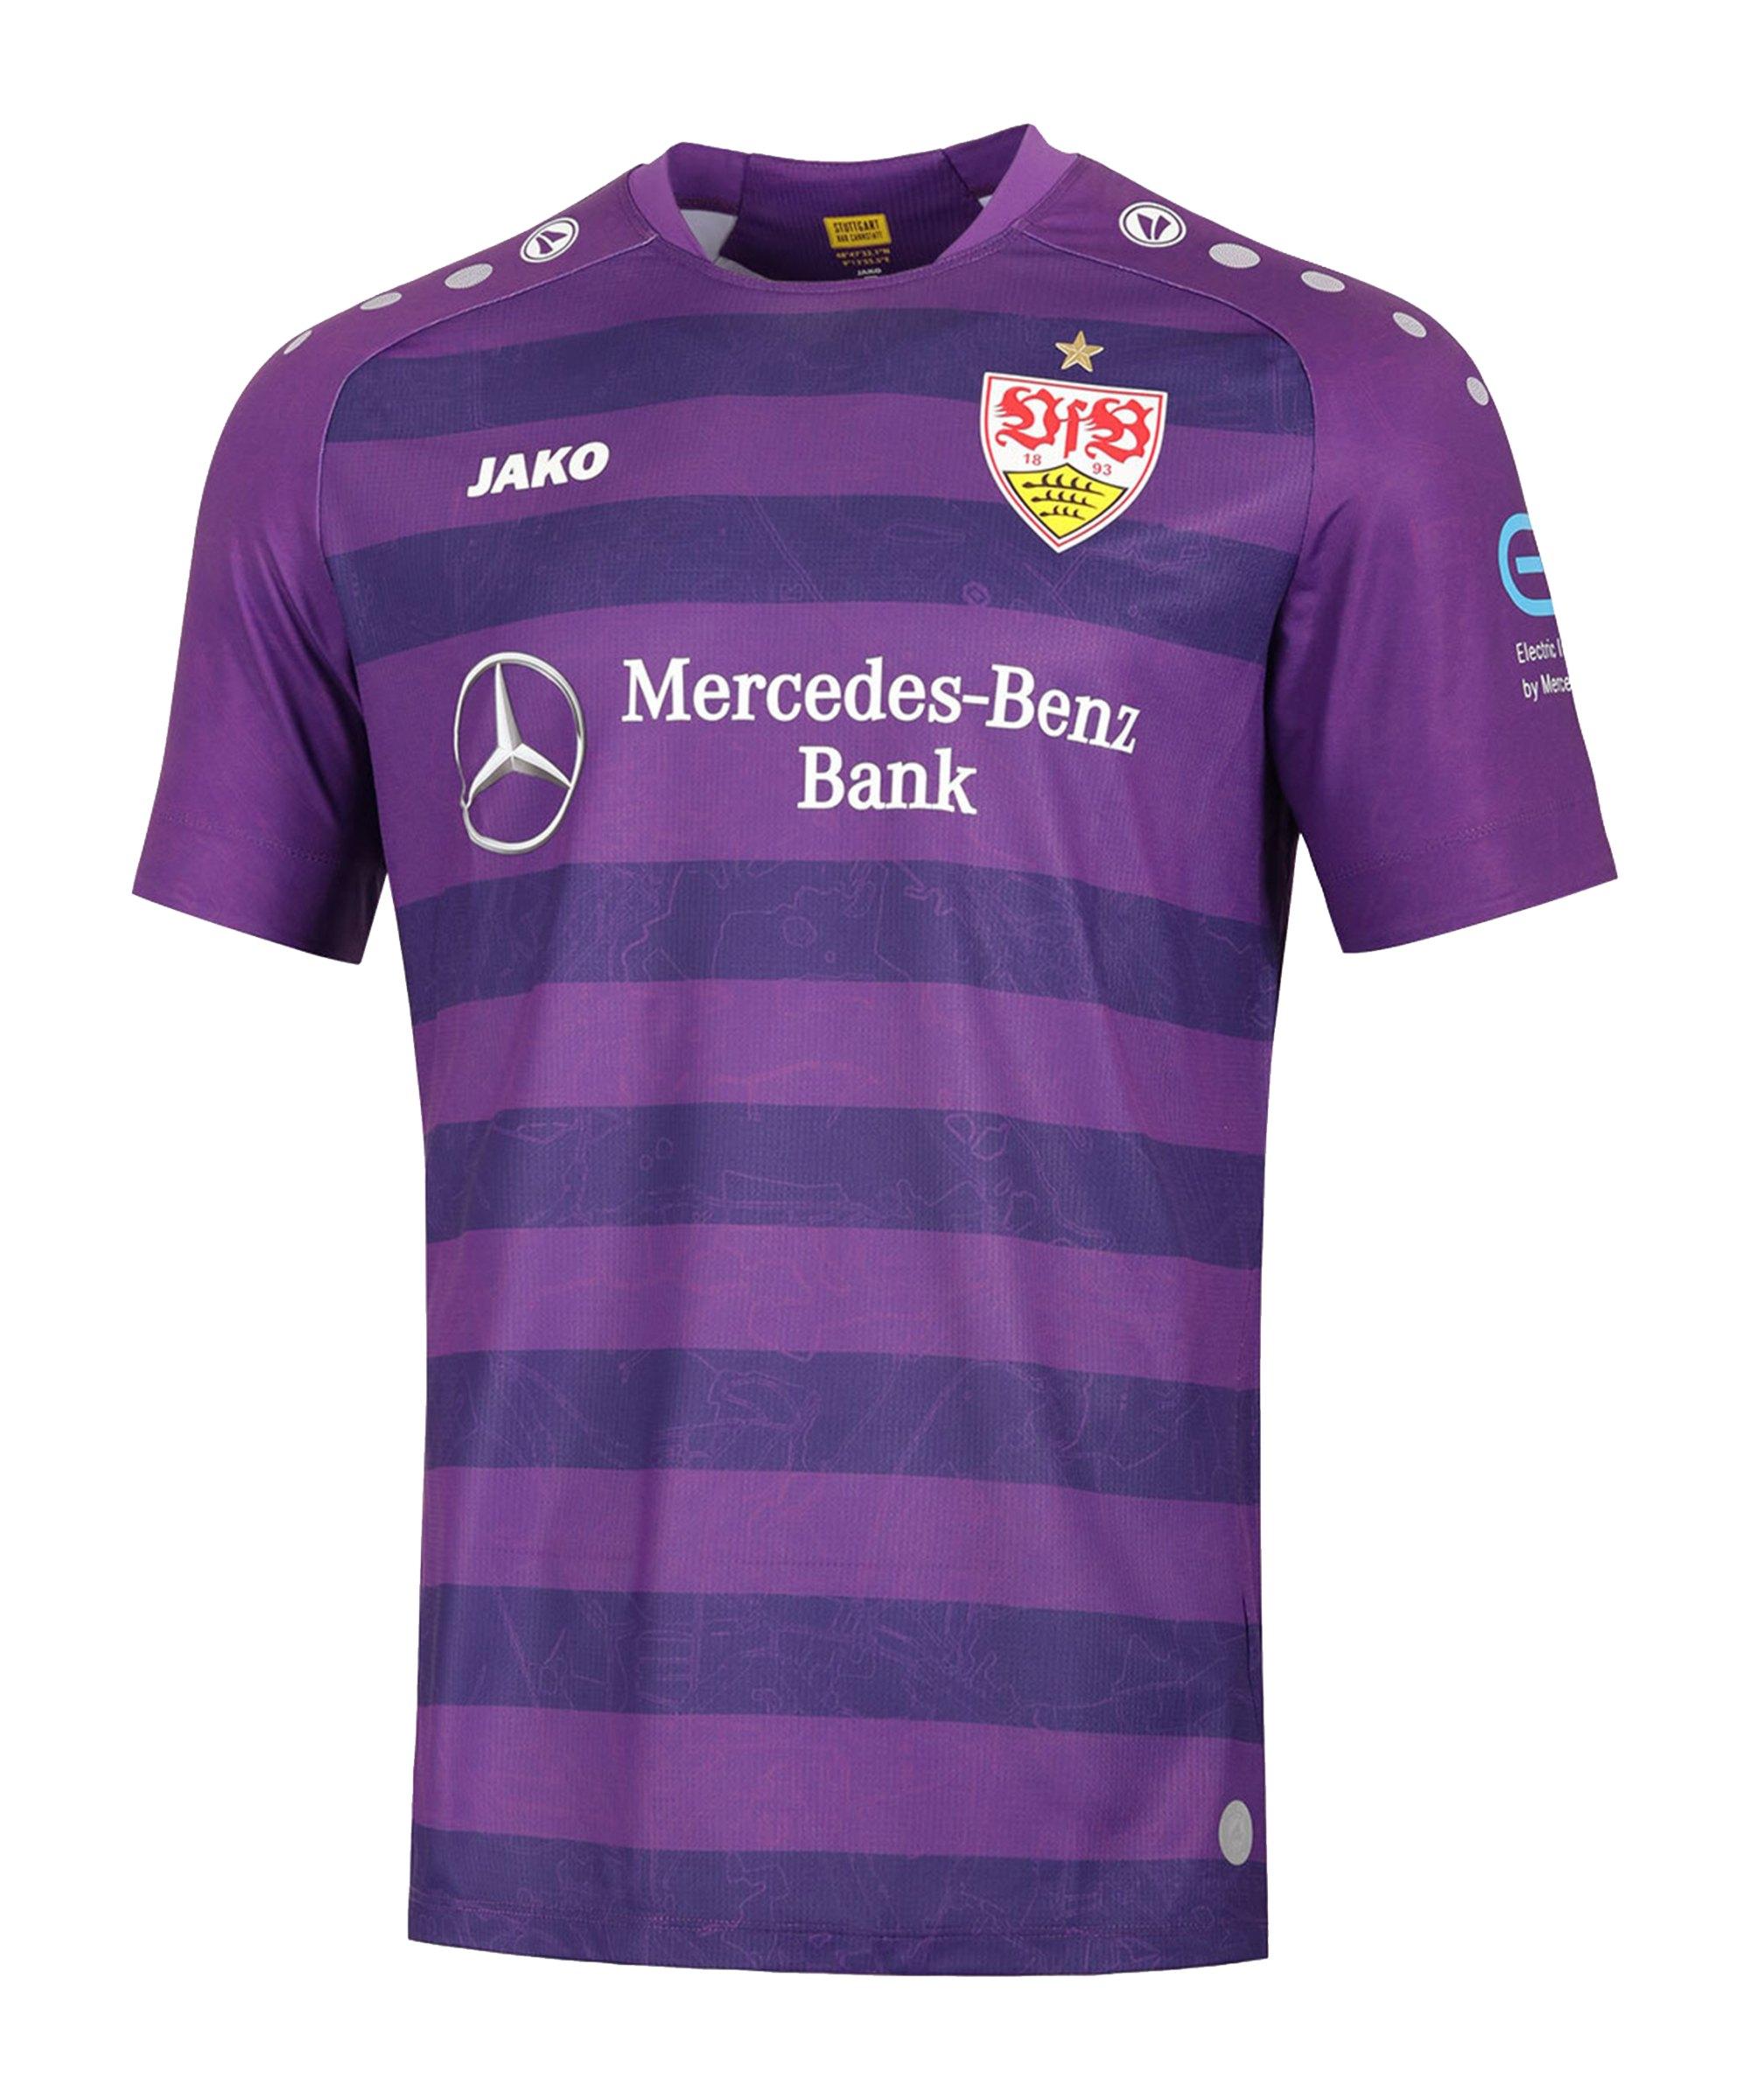 JAKO VfB Stuttgart Torwarttrikot Away 2020/2021 Kids Lila F10 - lila